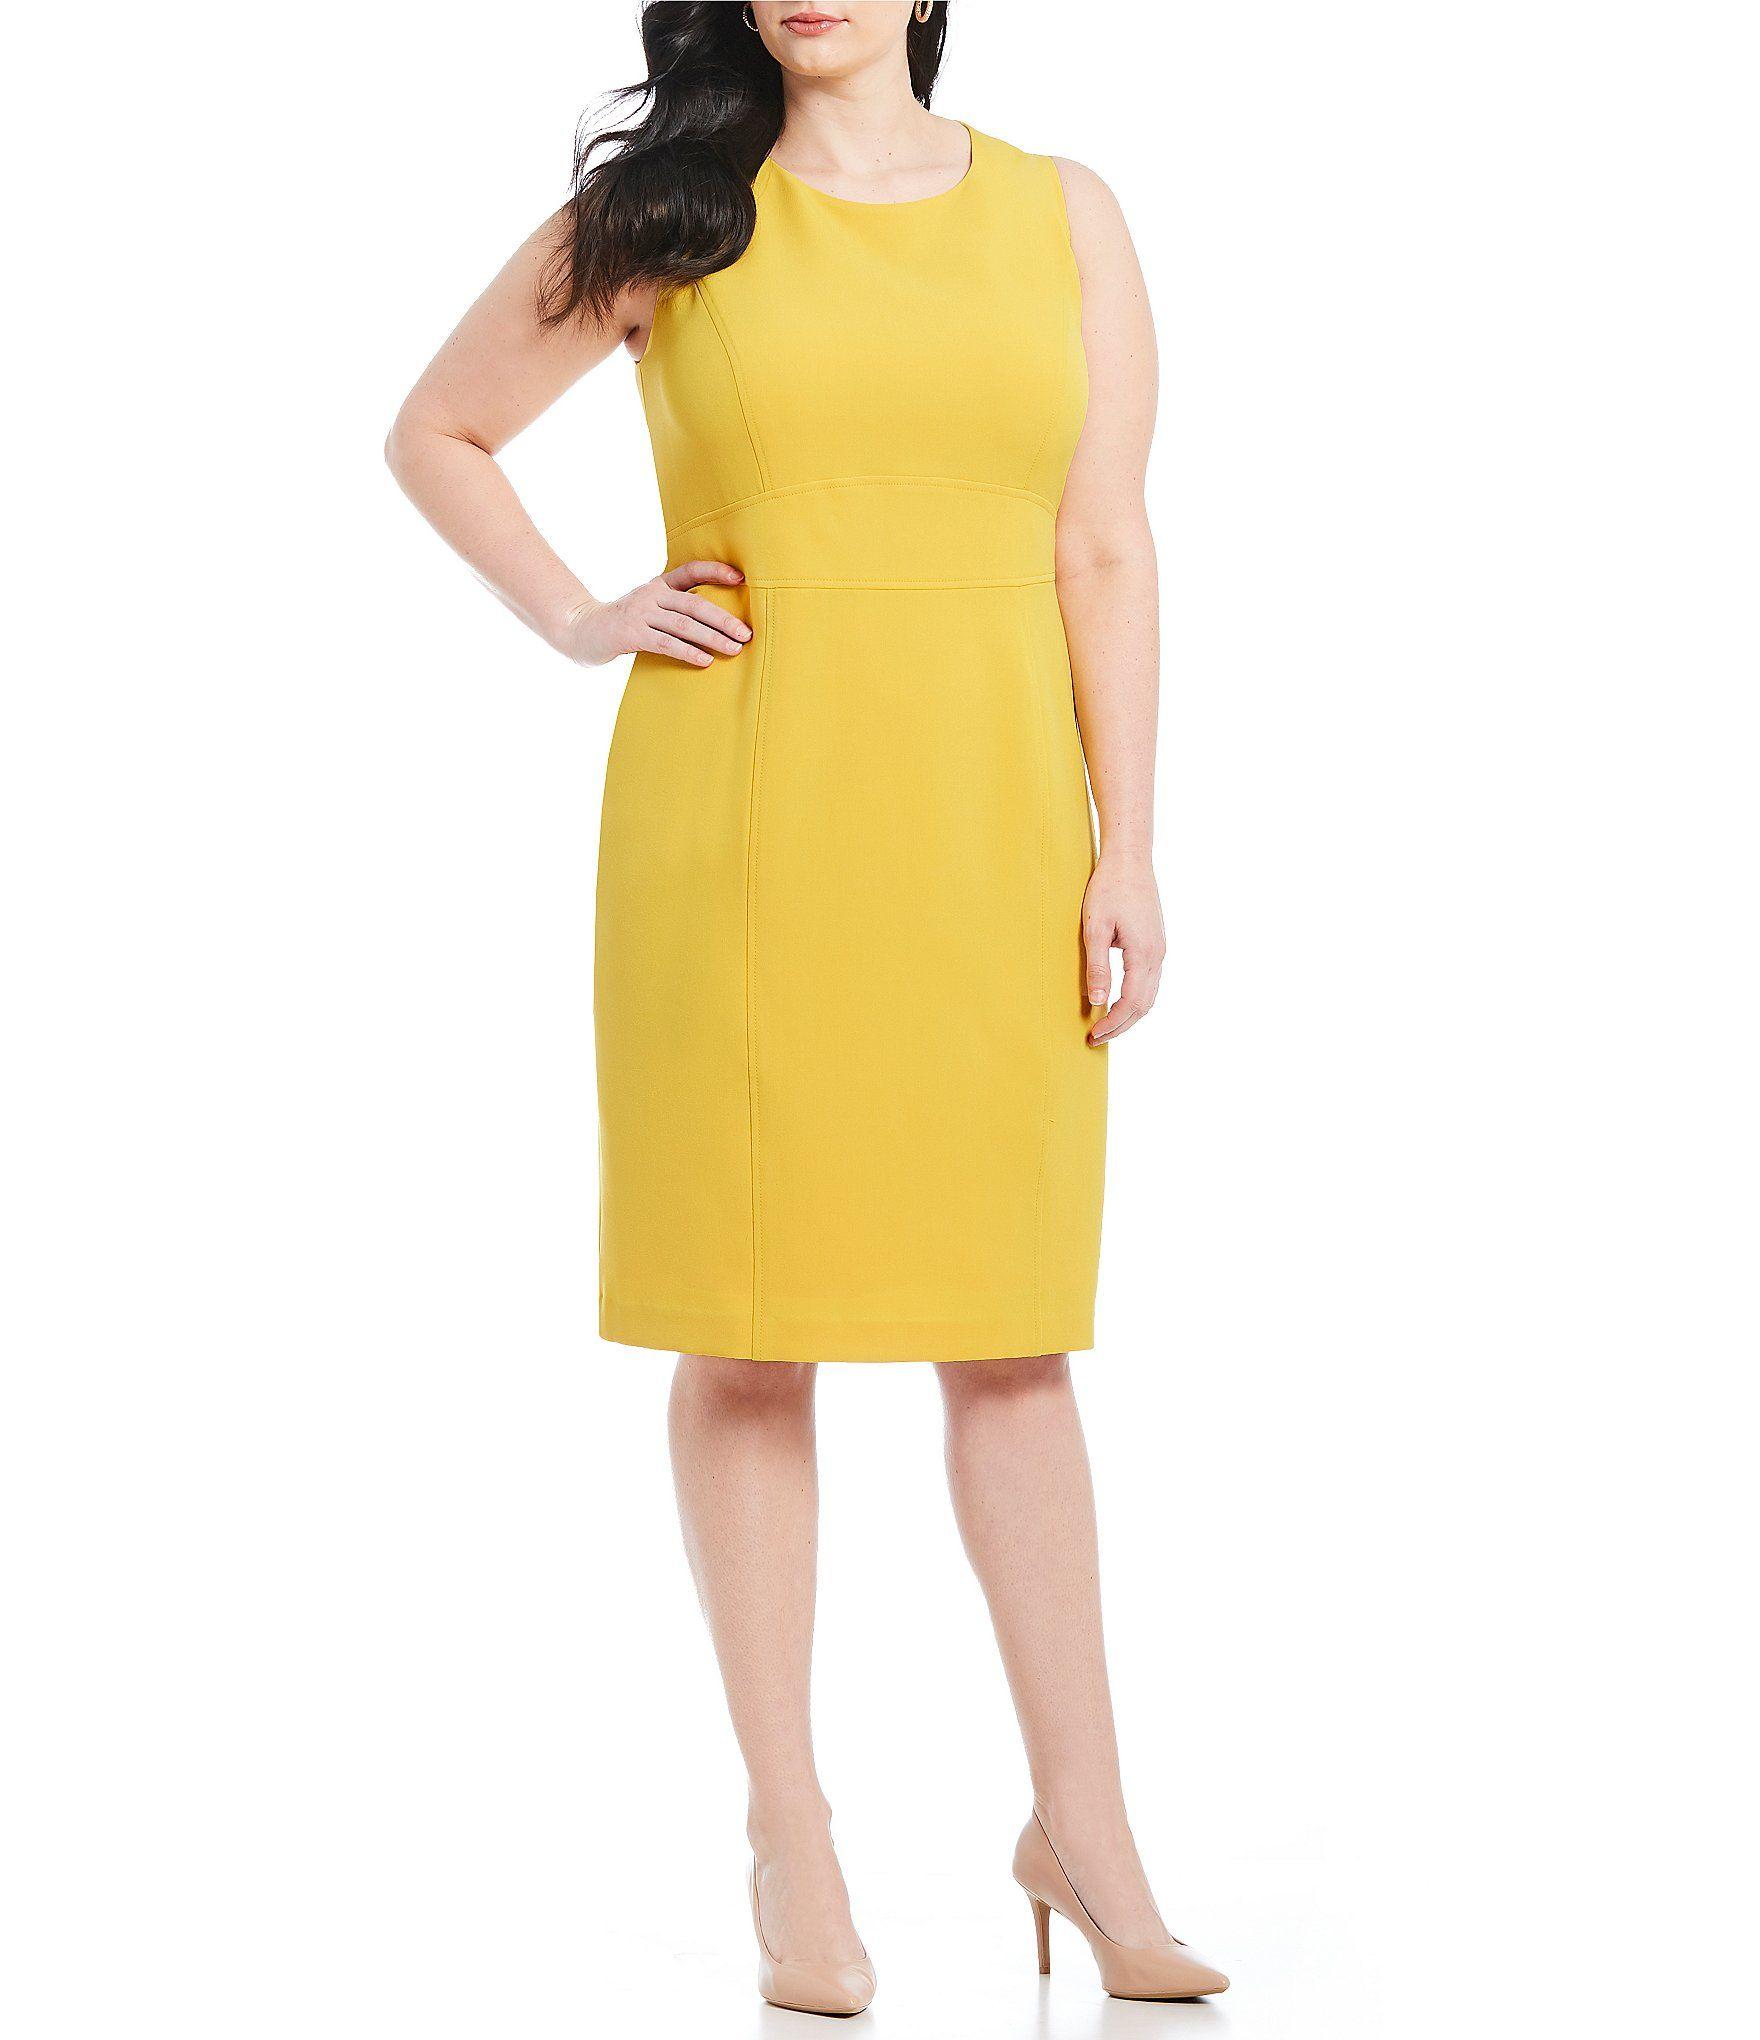 2a4c9d7d39b Kasper Plus Size Crepe Sleeveless Sheath Dress  Dillards